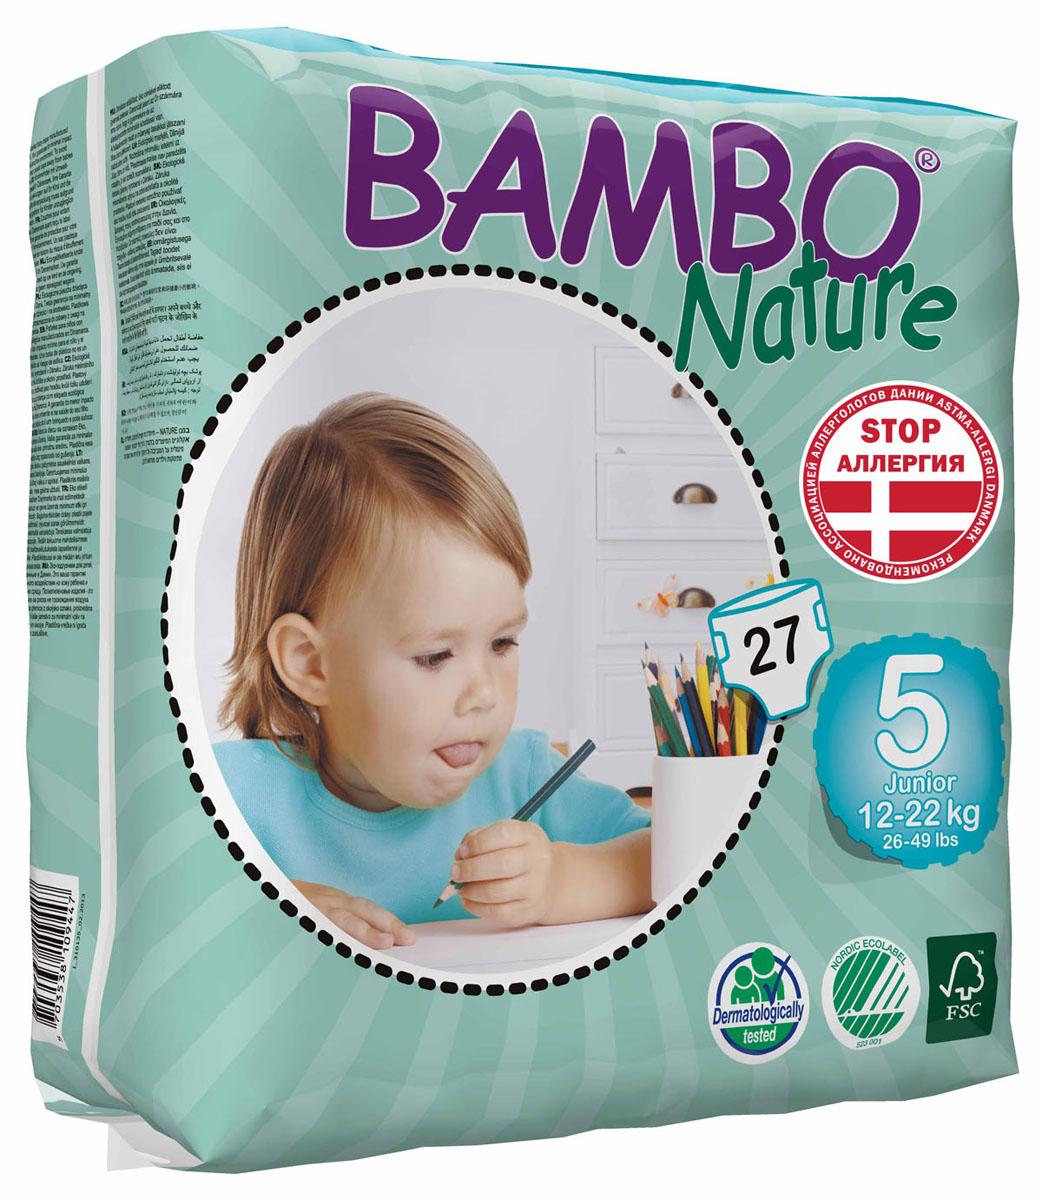 Bambo Nature Подгузники детские одноразовые Junior, 12-22 кг, 27 шт310135Подгузники и трусики Bambo Nature содержат мягкую тканевидную заднюю часть и внутренний слой, что делает их исключительно нежными для кожи малыша. Они тоньше обычных подгузников, а воздухопроницаемый слой позволяет коже дышать, исключая «парниковый эффект». В перечень восхитительных свойств подгузников Bambo Nature также входят и эластичные боковые вставки. Супер-слой распущенная целлюлоза и сверх-сухая система обеспечивает быстрое впитывание и оставляет поверхность сухой. Поэтому для вас и вашего малыша каждое утро будет добрым. Bambo Nature - одни из наиболее экологически чистых подгузников на рынке. В перечень восхитительных свойств подгузников Bambo Nature также входят и эластичные боковые вставки. Проверено дерматологами.